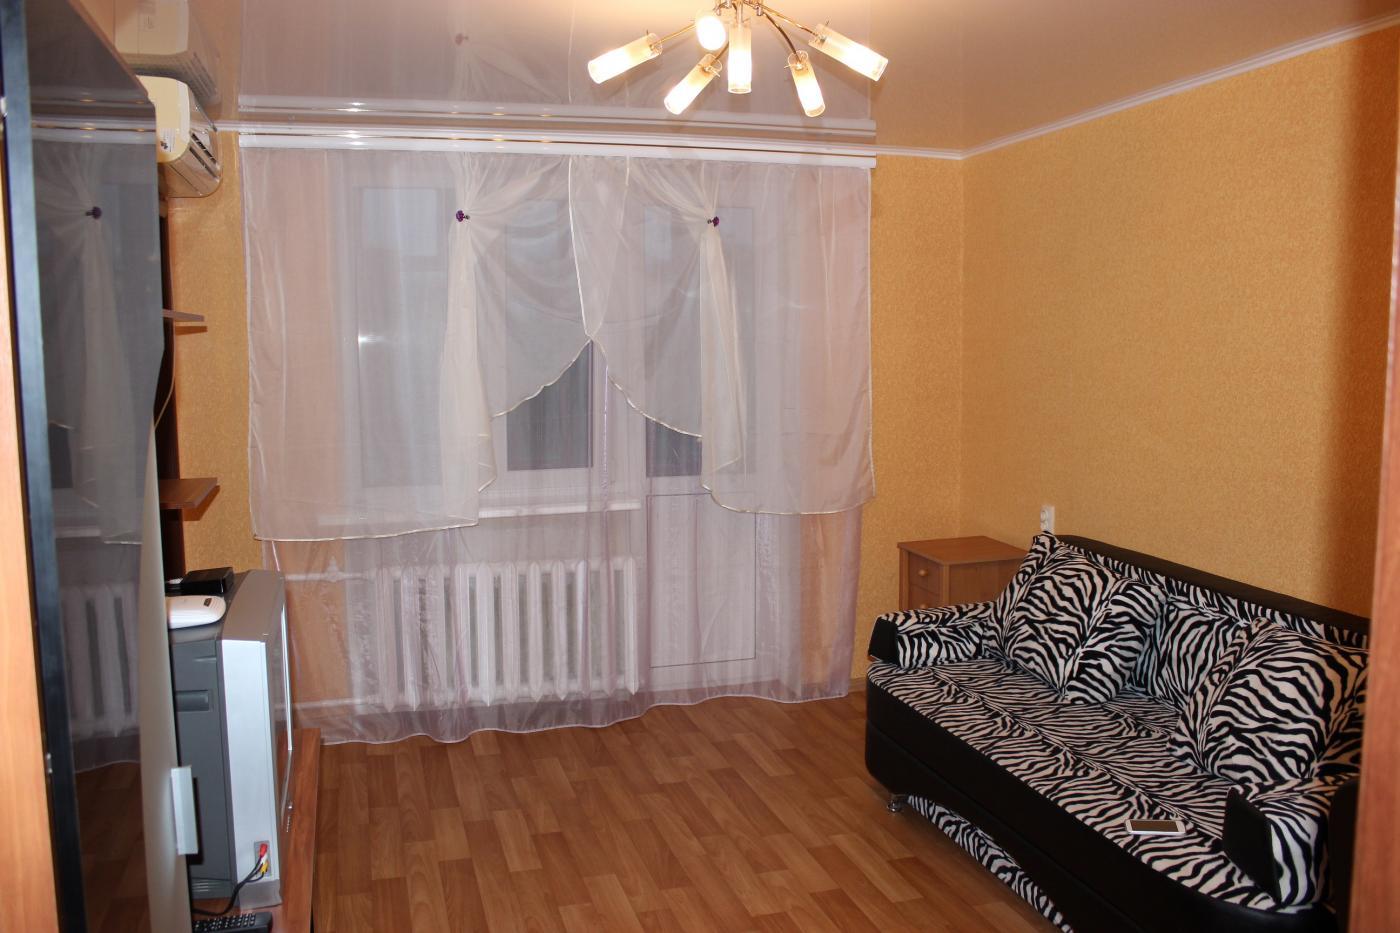 2-комнатная квартира посуточно (вариант № 814), ул. Гоголя улица, фото № 4